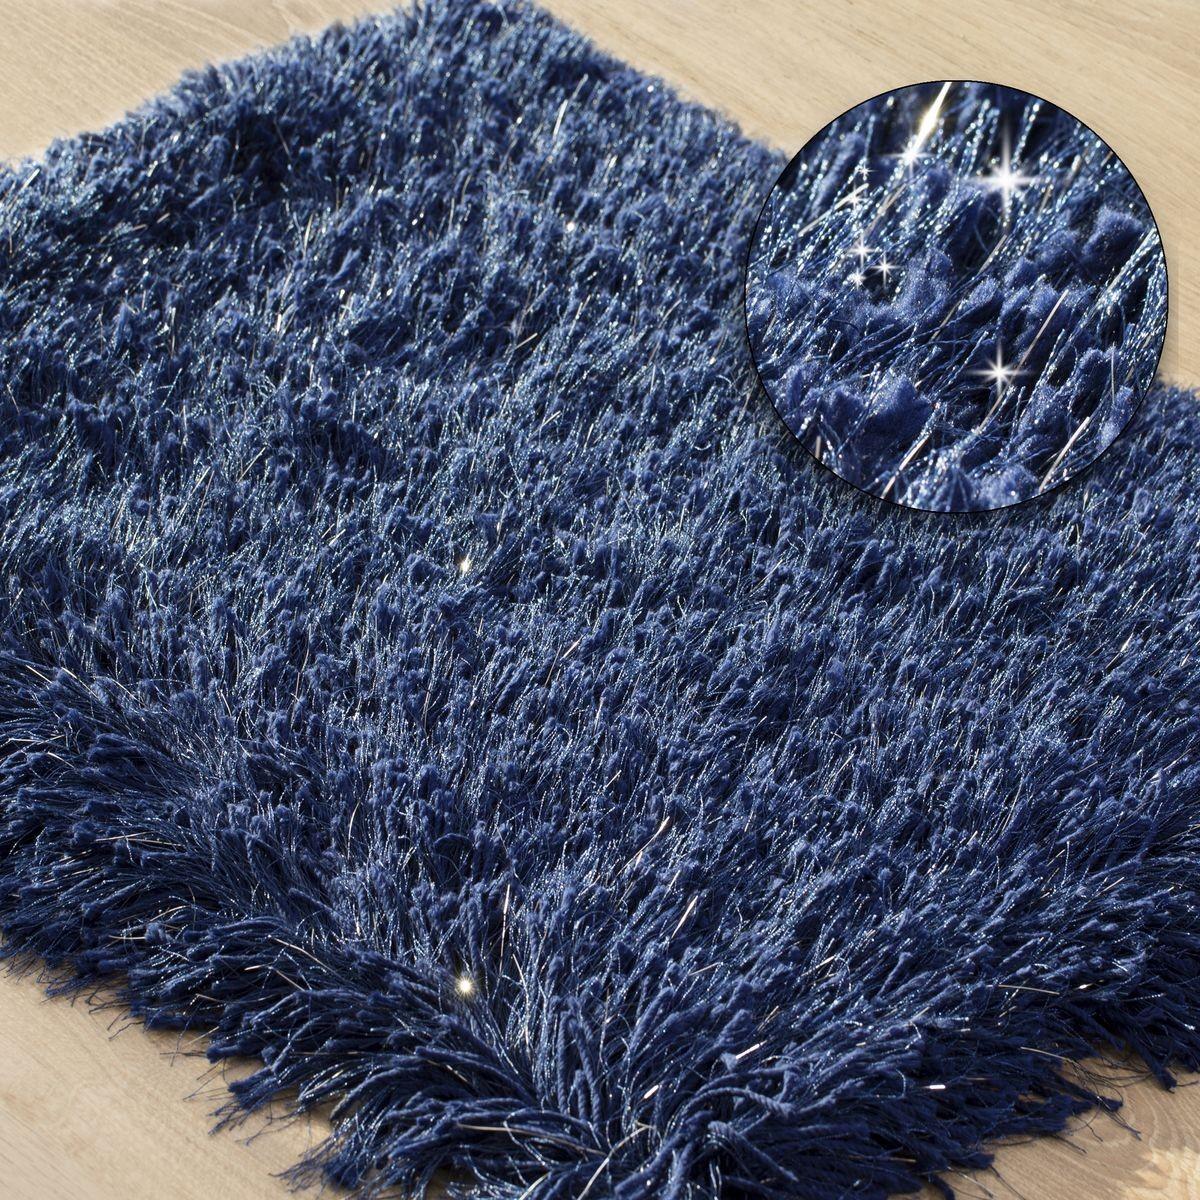 DomTextilu Koberec do kúpelne vo farbe námornícka modrá Šírka: 50 cm   Dĺžka: 70 cm 44470-208048